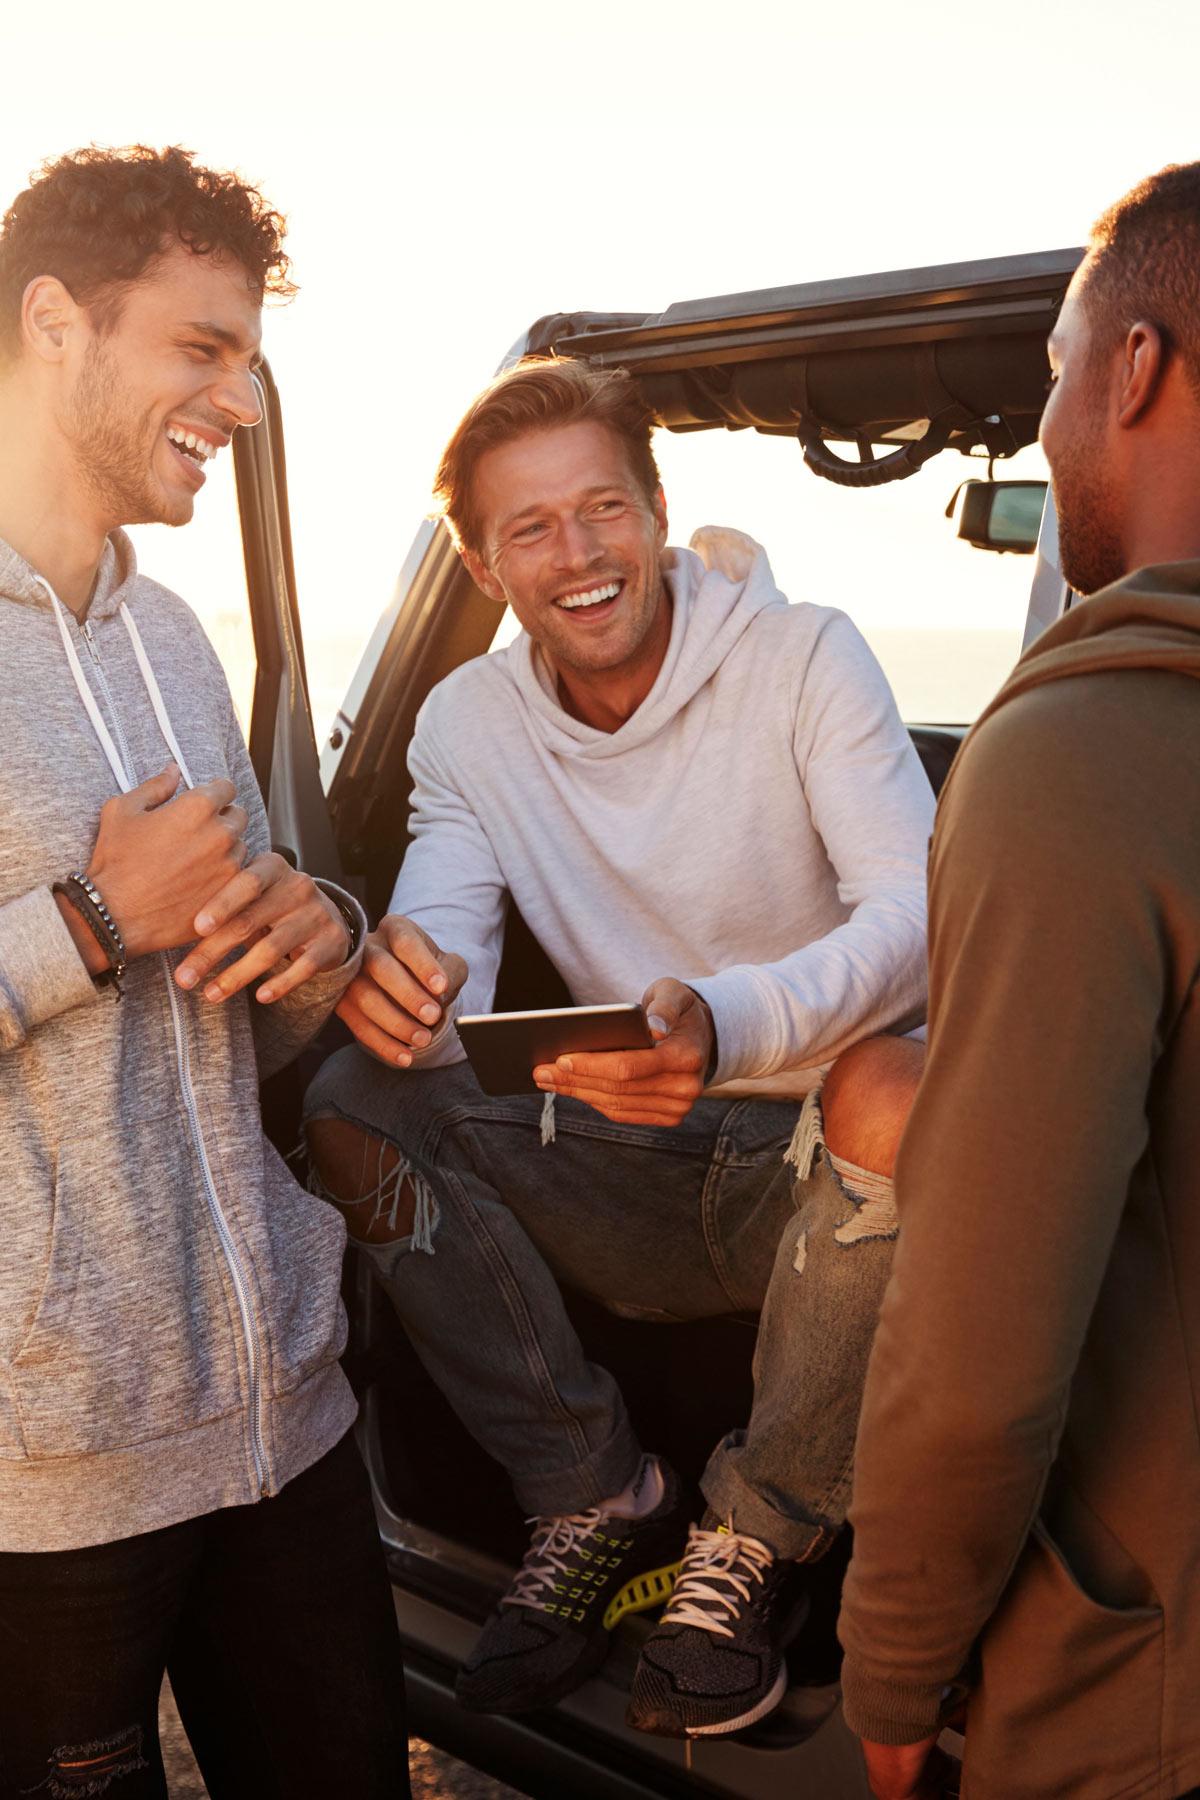 Junge Leute sind auch beim Autokauf offen für die Meinung sogenannter Influencer.